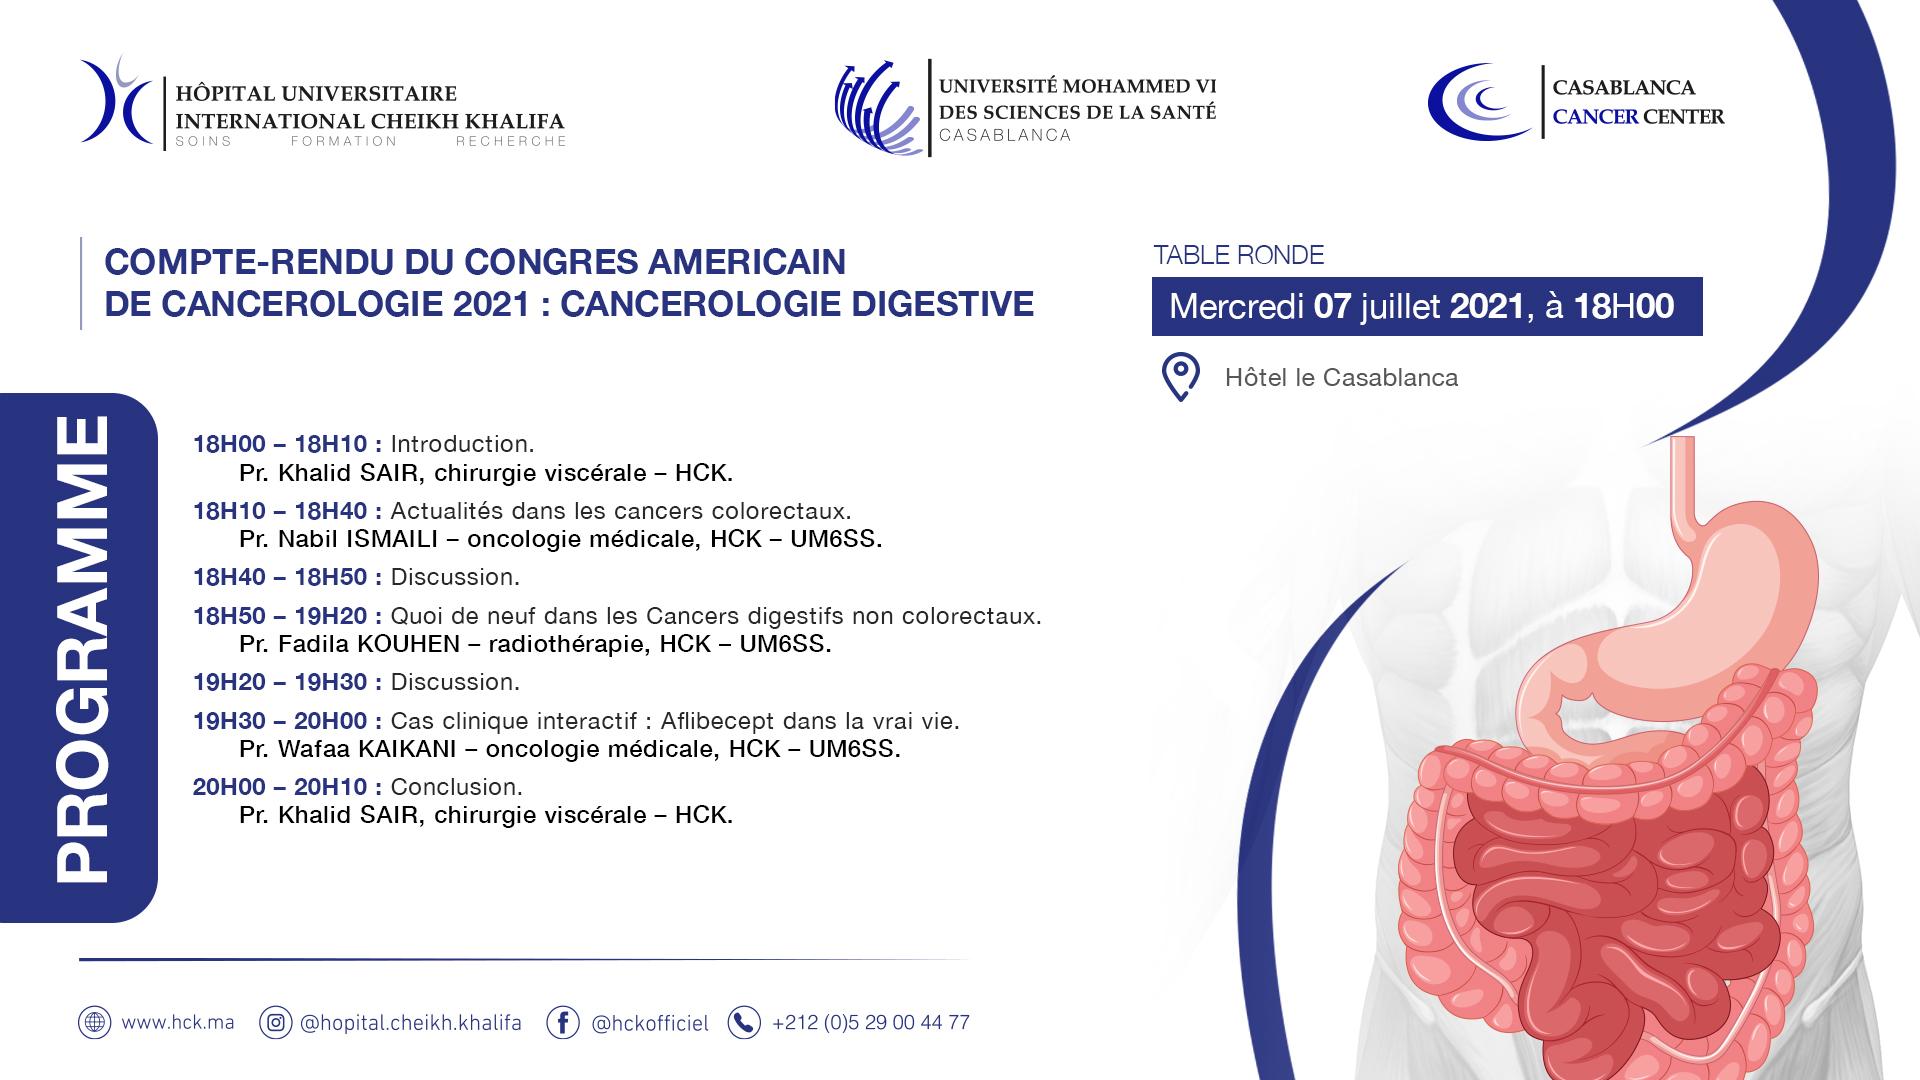 Programme_-_CANCEROLOGIE_DIGESTIVE_07_juillet_2021_-_1920x1080px